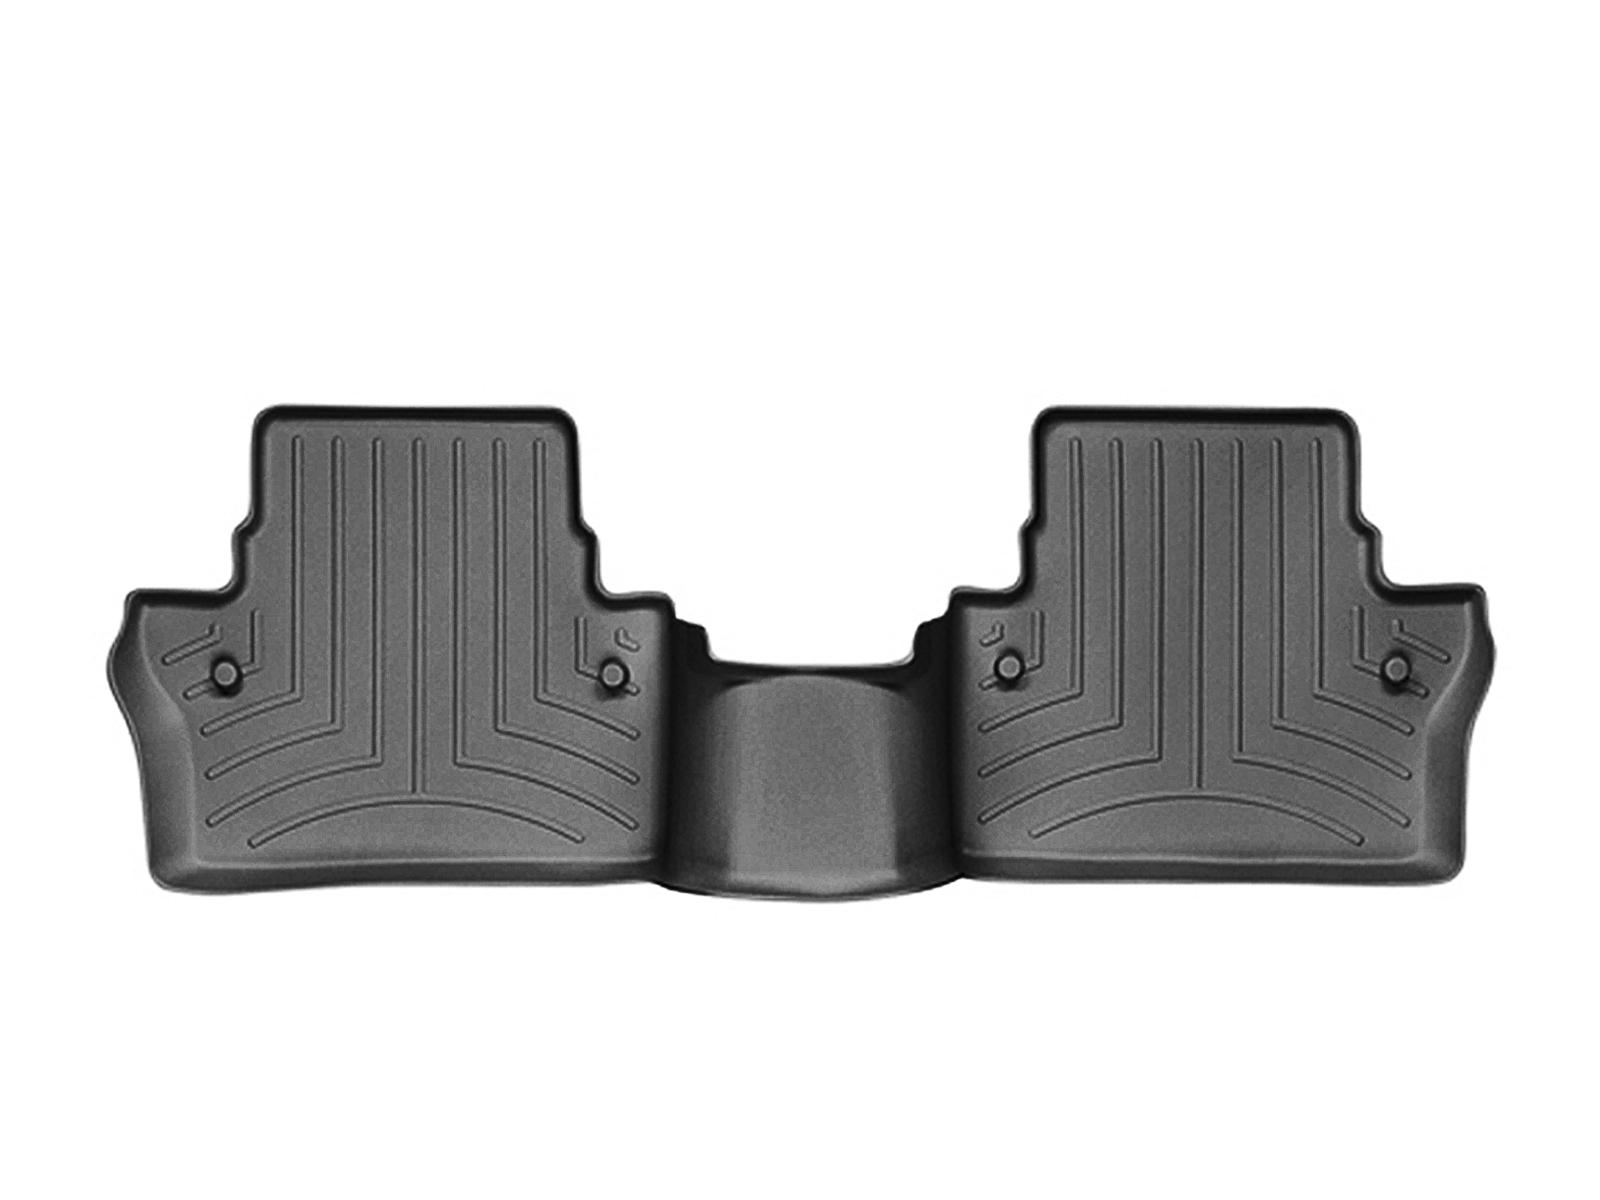 Tappeti gomma su misura bordo alto Volvo V70 07>07 Nero A4411*